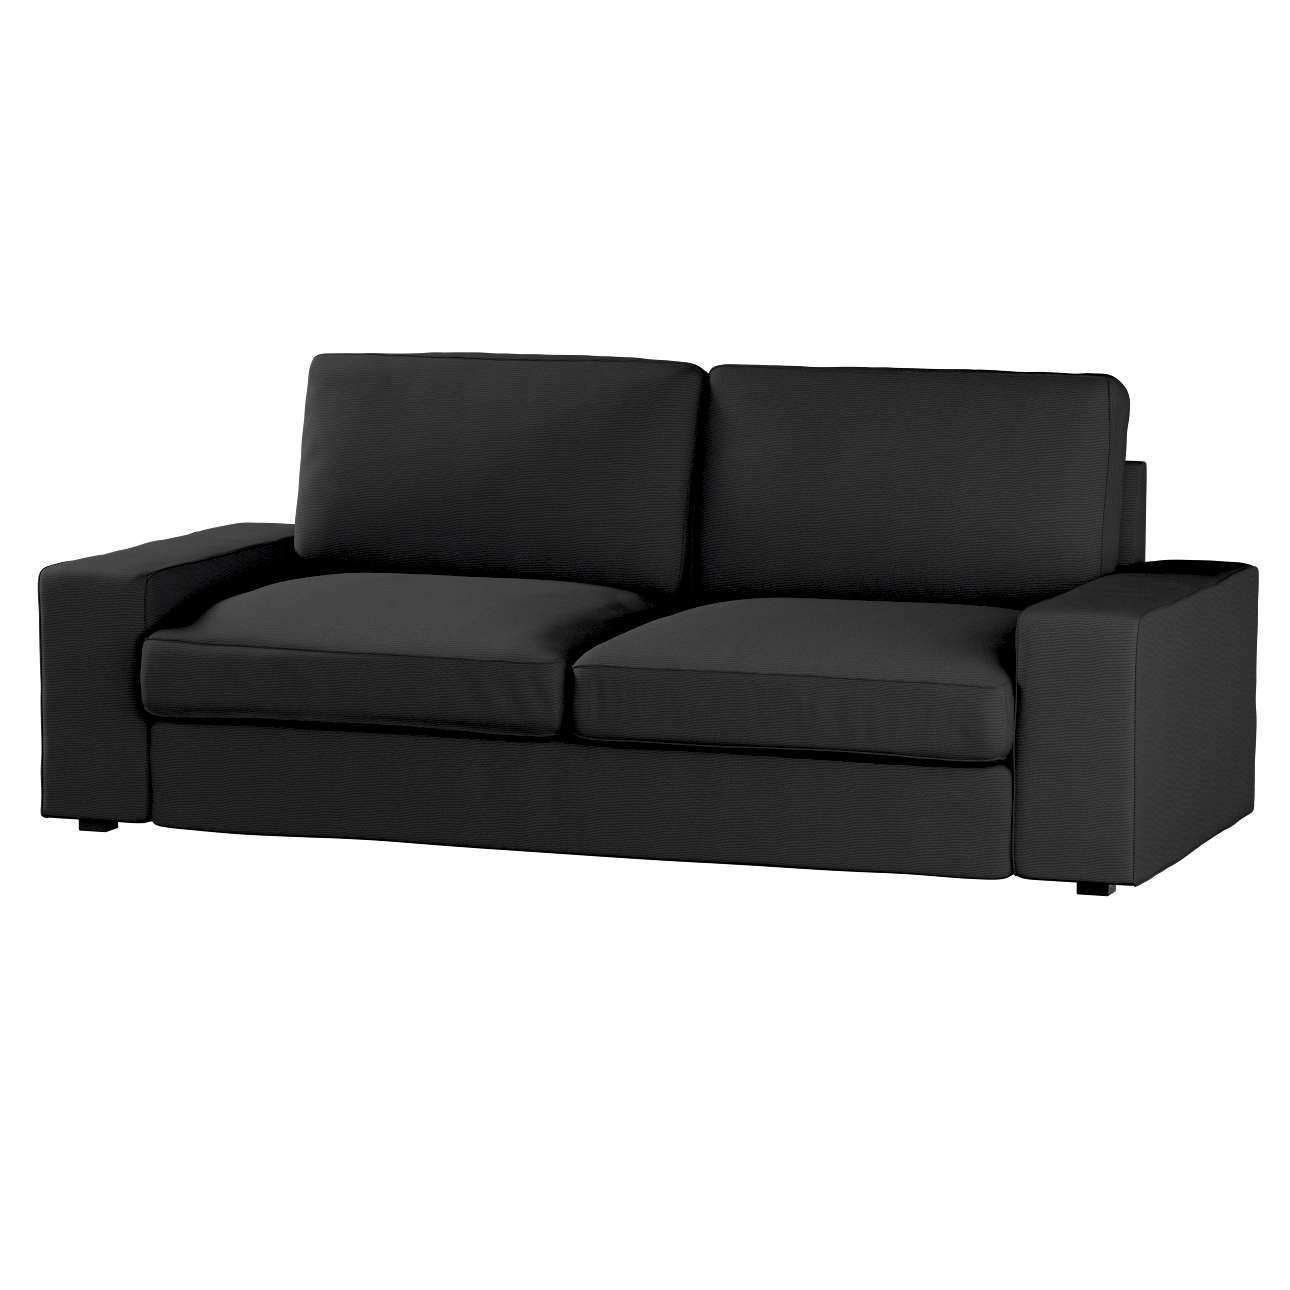 Pokrowiec na sofę Kivik 3-osobową, rozkładaną Sofa Kivik 3-osobowa rozkładana w kolekcji Etna , tkanina: 705-00